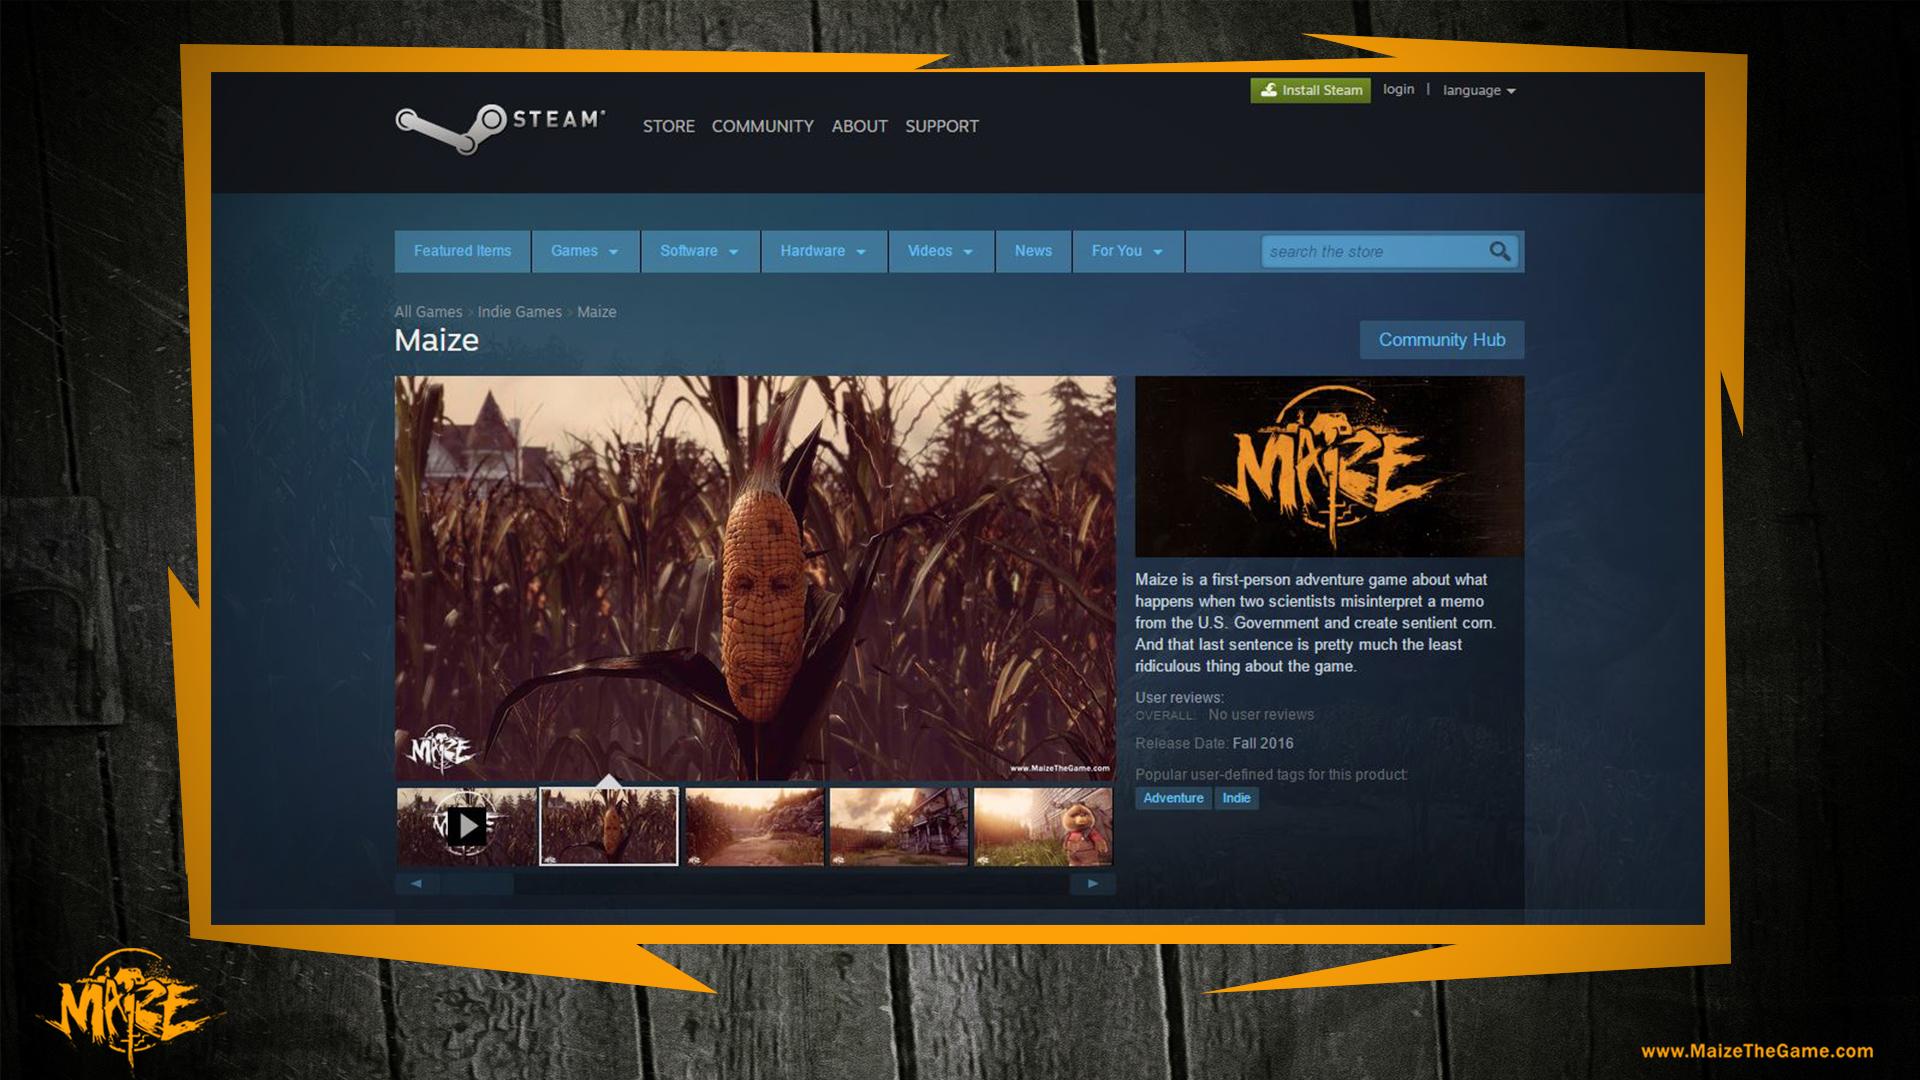 Maize_Steam_Screen